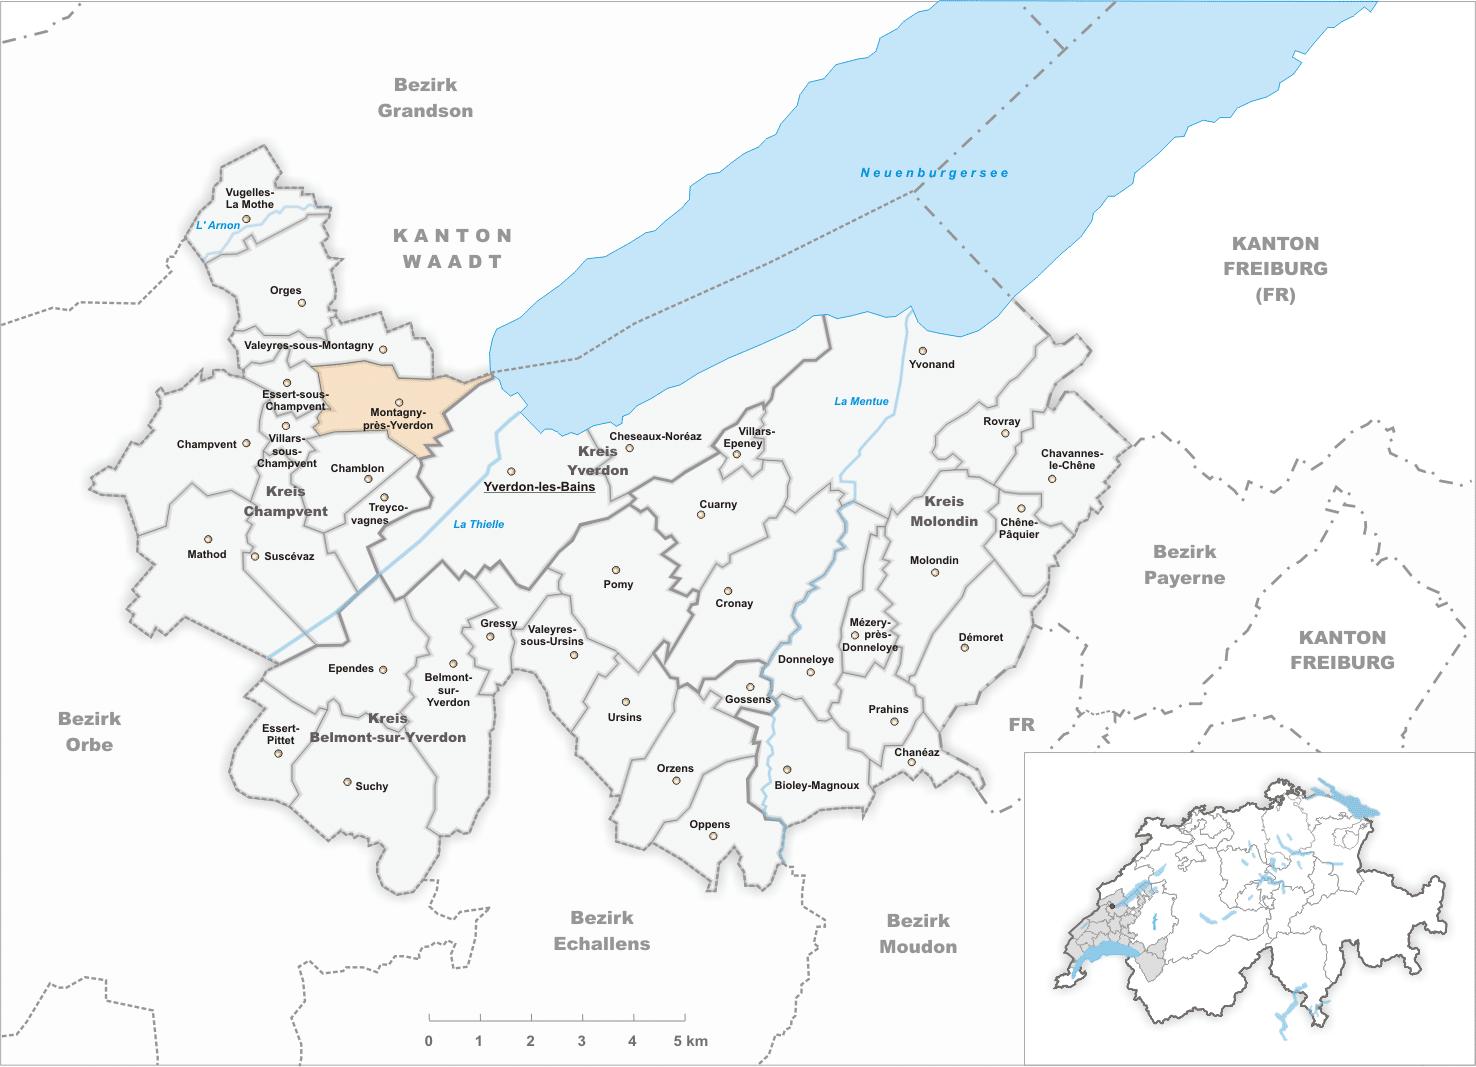 Montagny-près-Yverdon